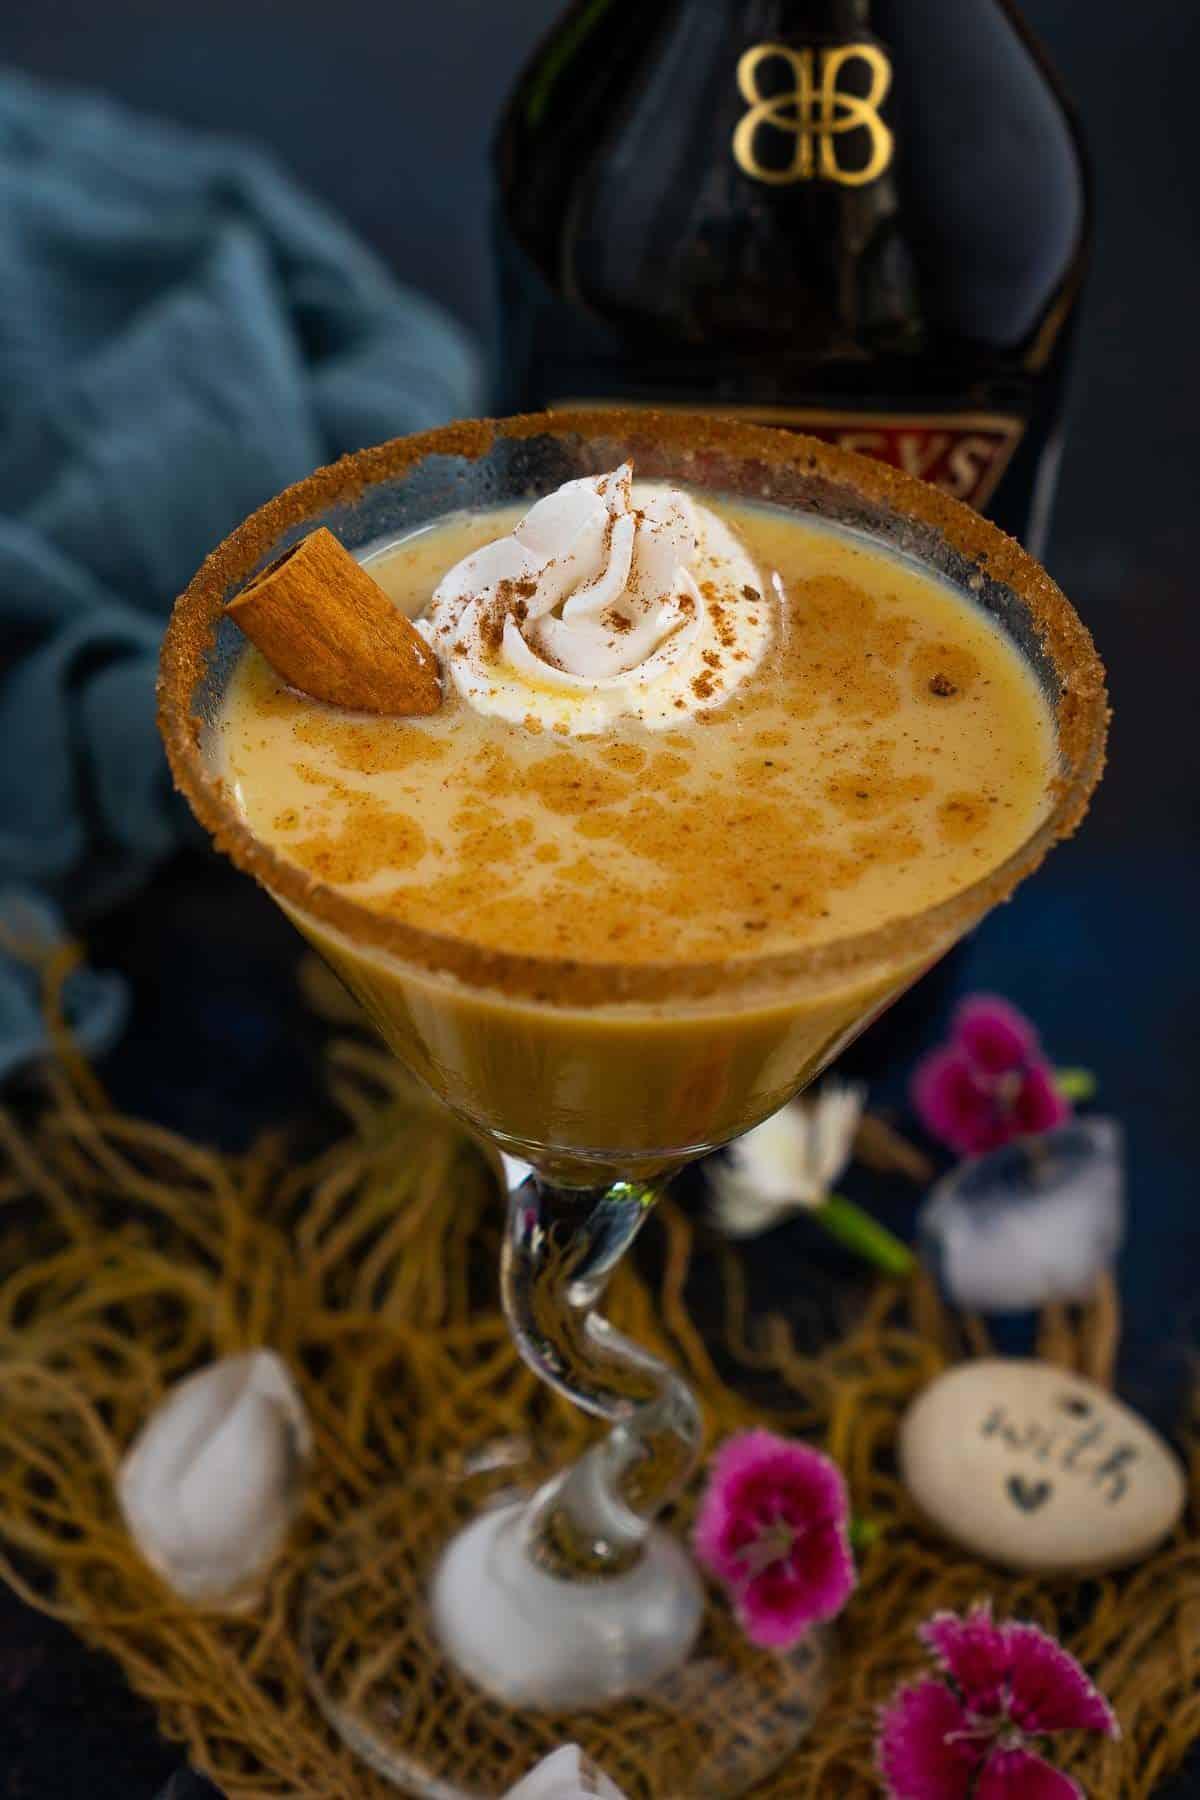 Pumpkin spice martini served in a martini glass.